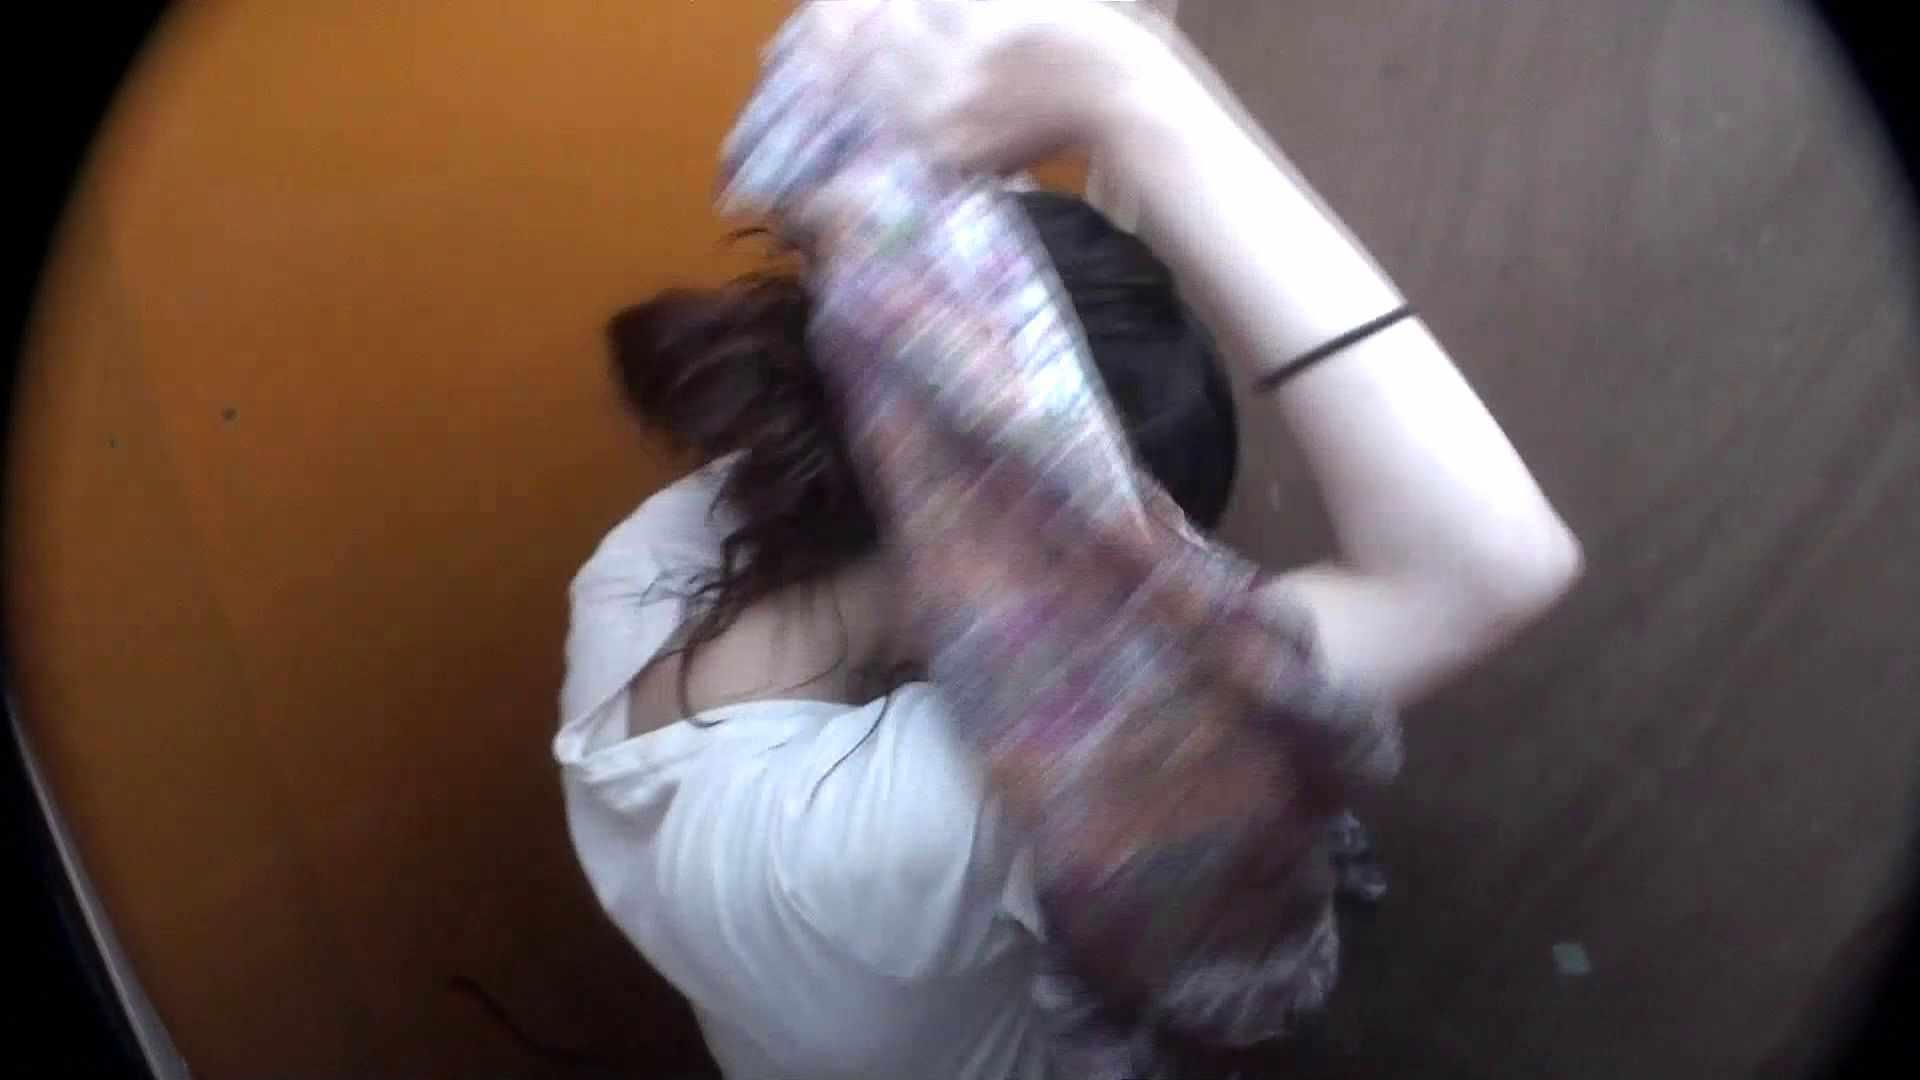 シャワールームは超!!危険な香りVol.29 こっちを向いて欲しい貧乳姉さん シャワー セックス画像 67PICs 7